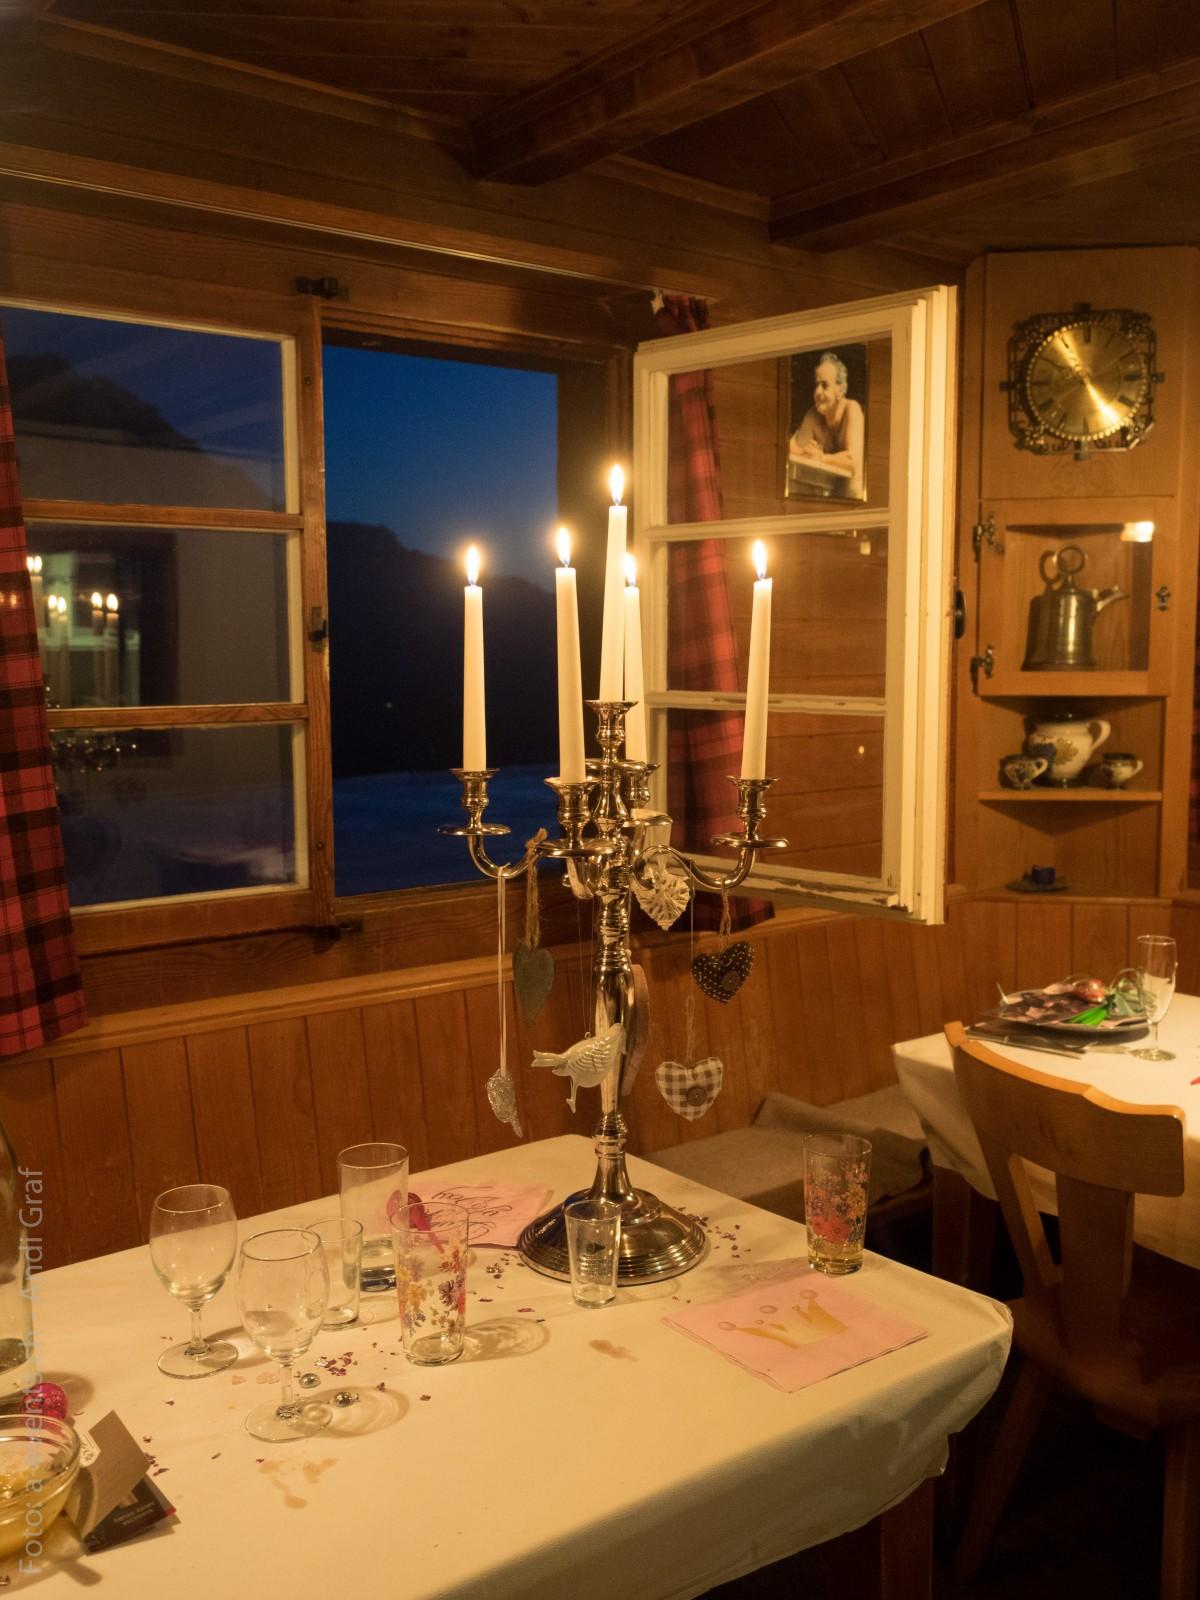 무료 이미지 : 손, 빛, 밤, 창문, 레스토랑, 집, 바, 방향, 유행 ...